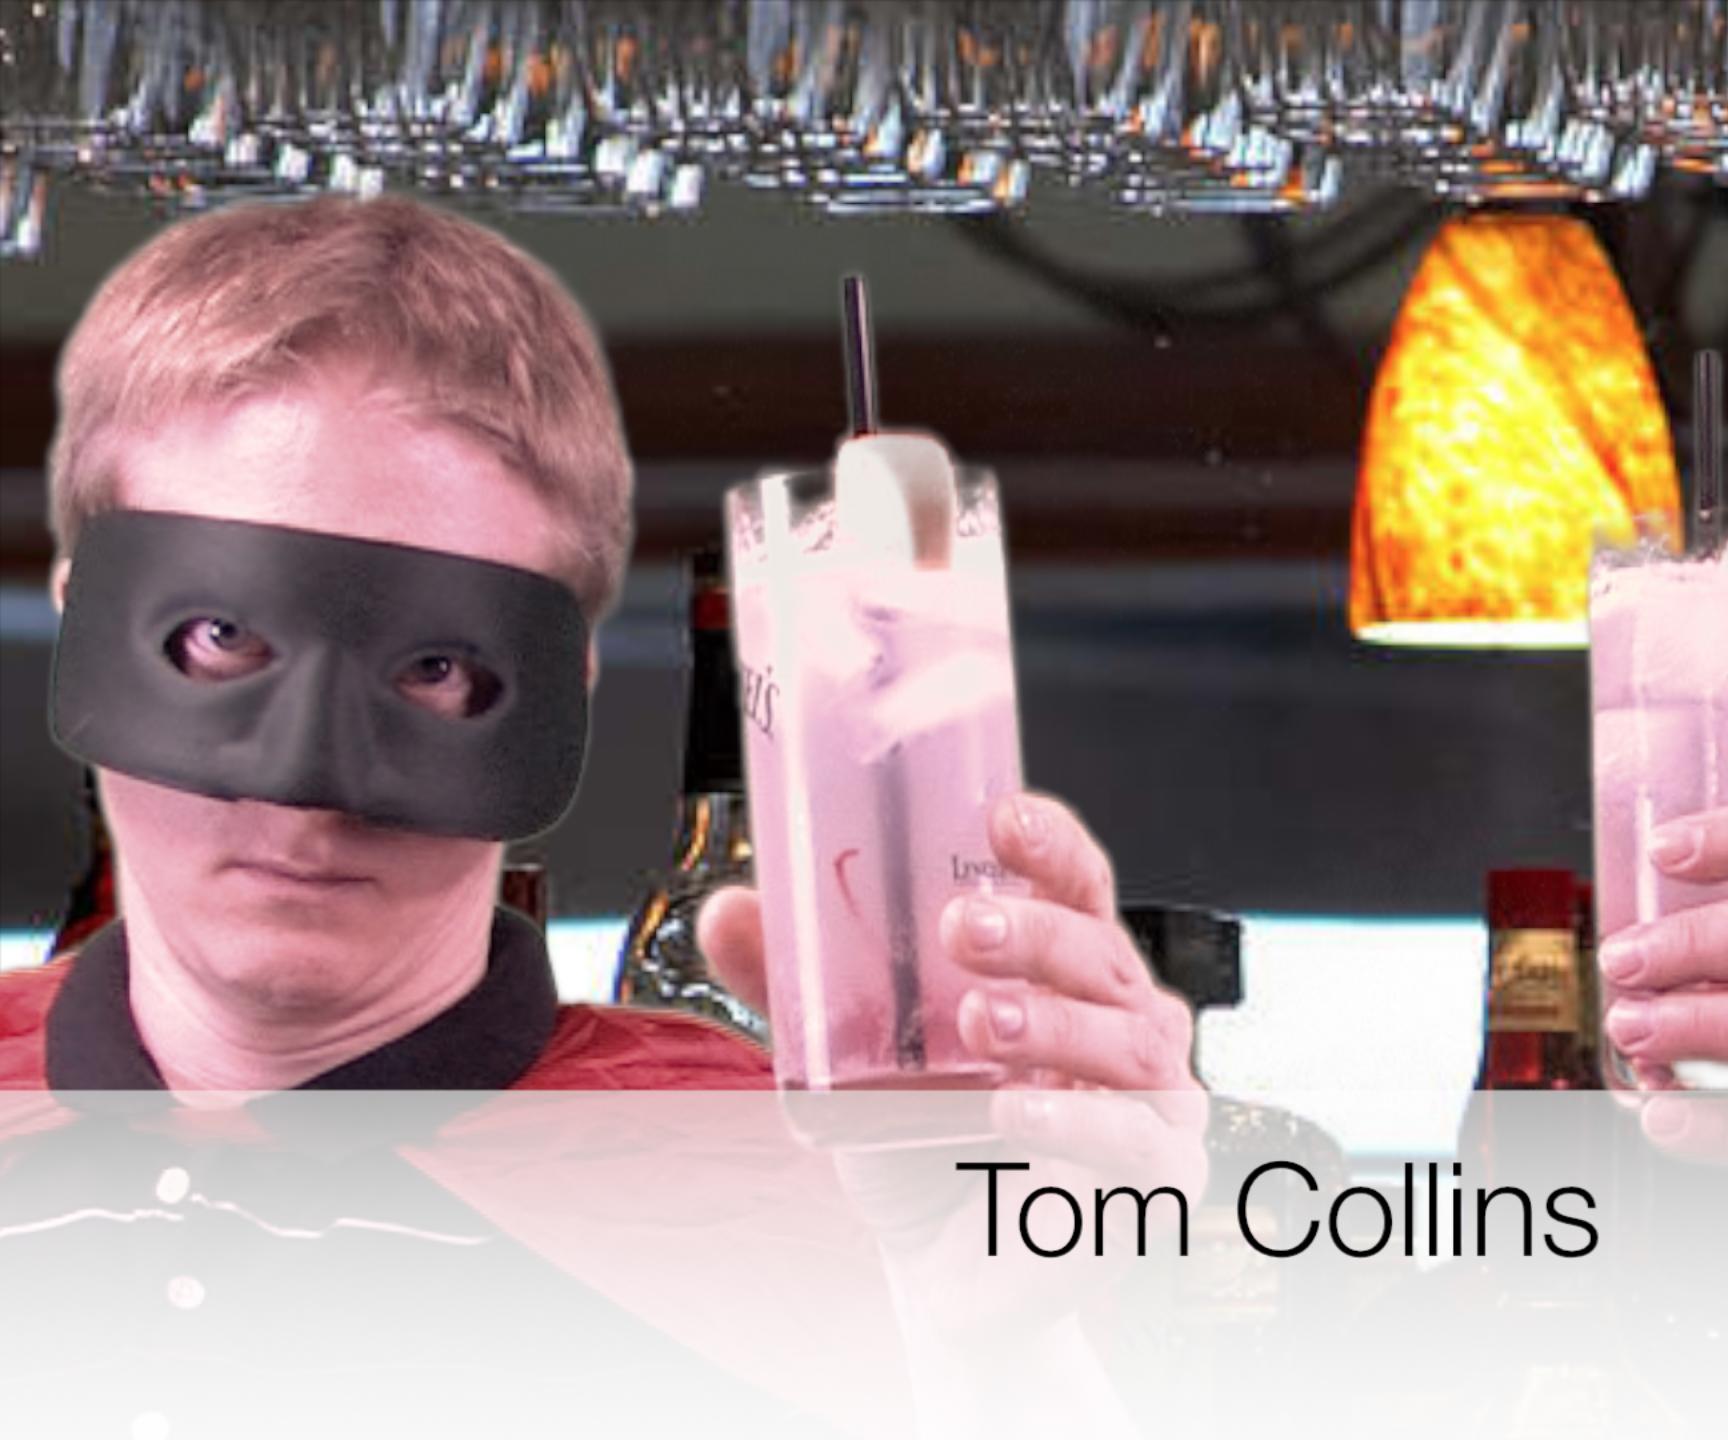 A Super Tom Collins